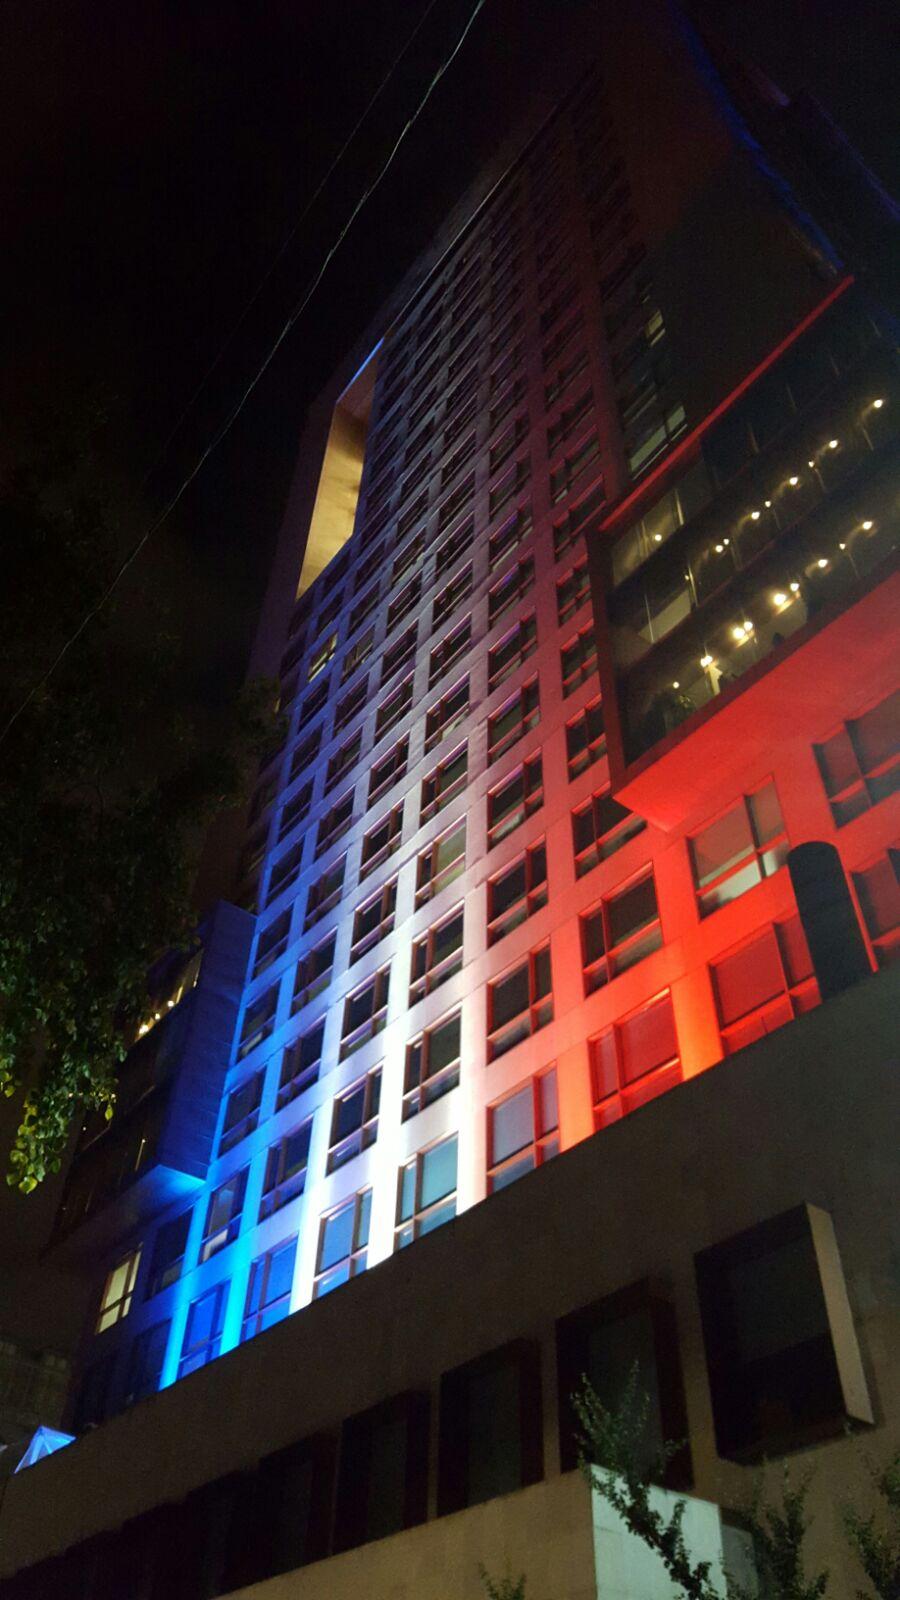 FOTO 2 Edificio de la Canciller a iluminado con los colores de Franciajpg